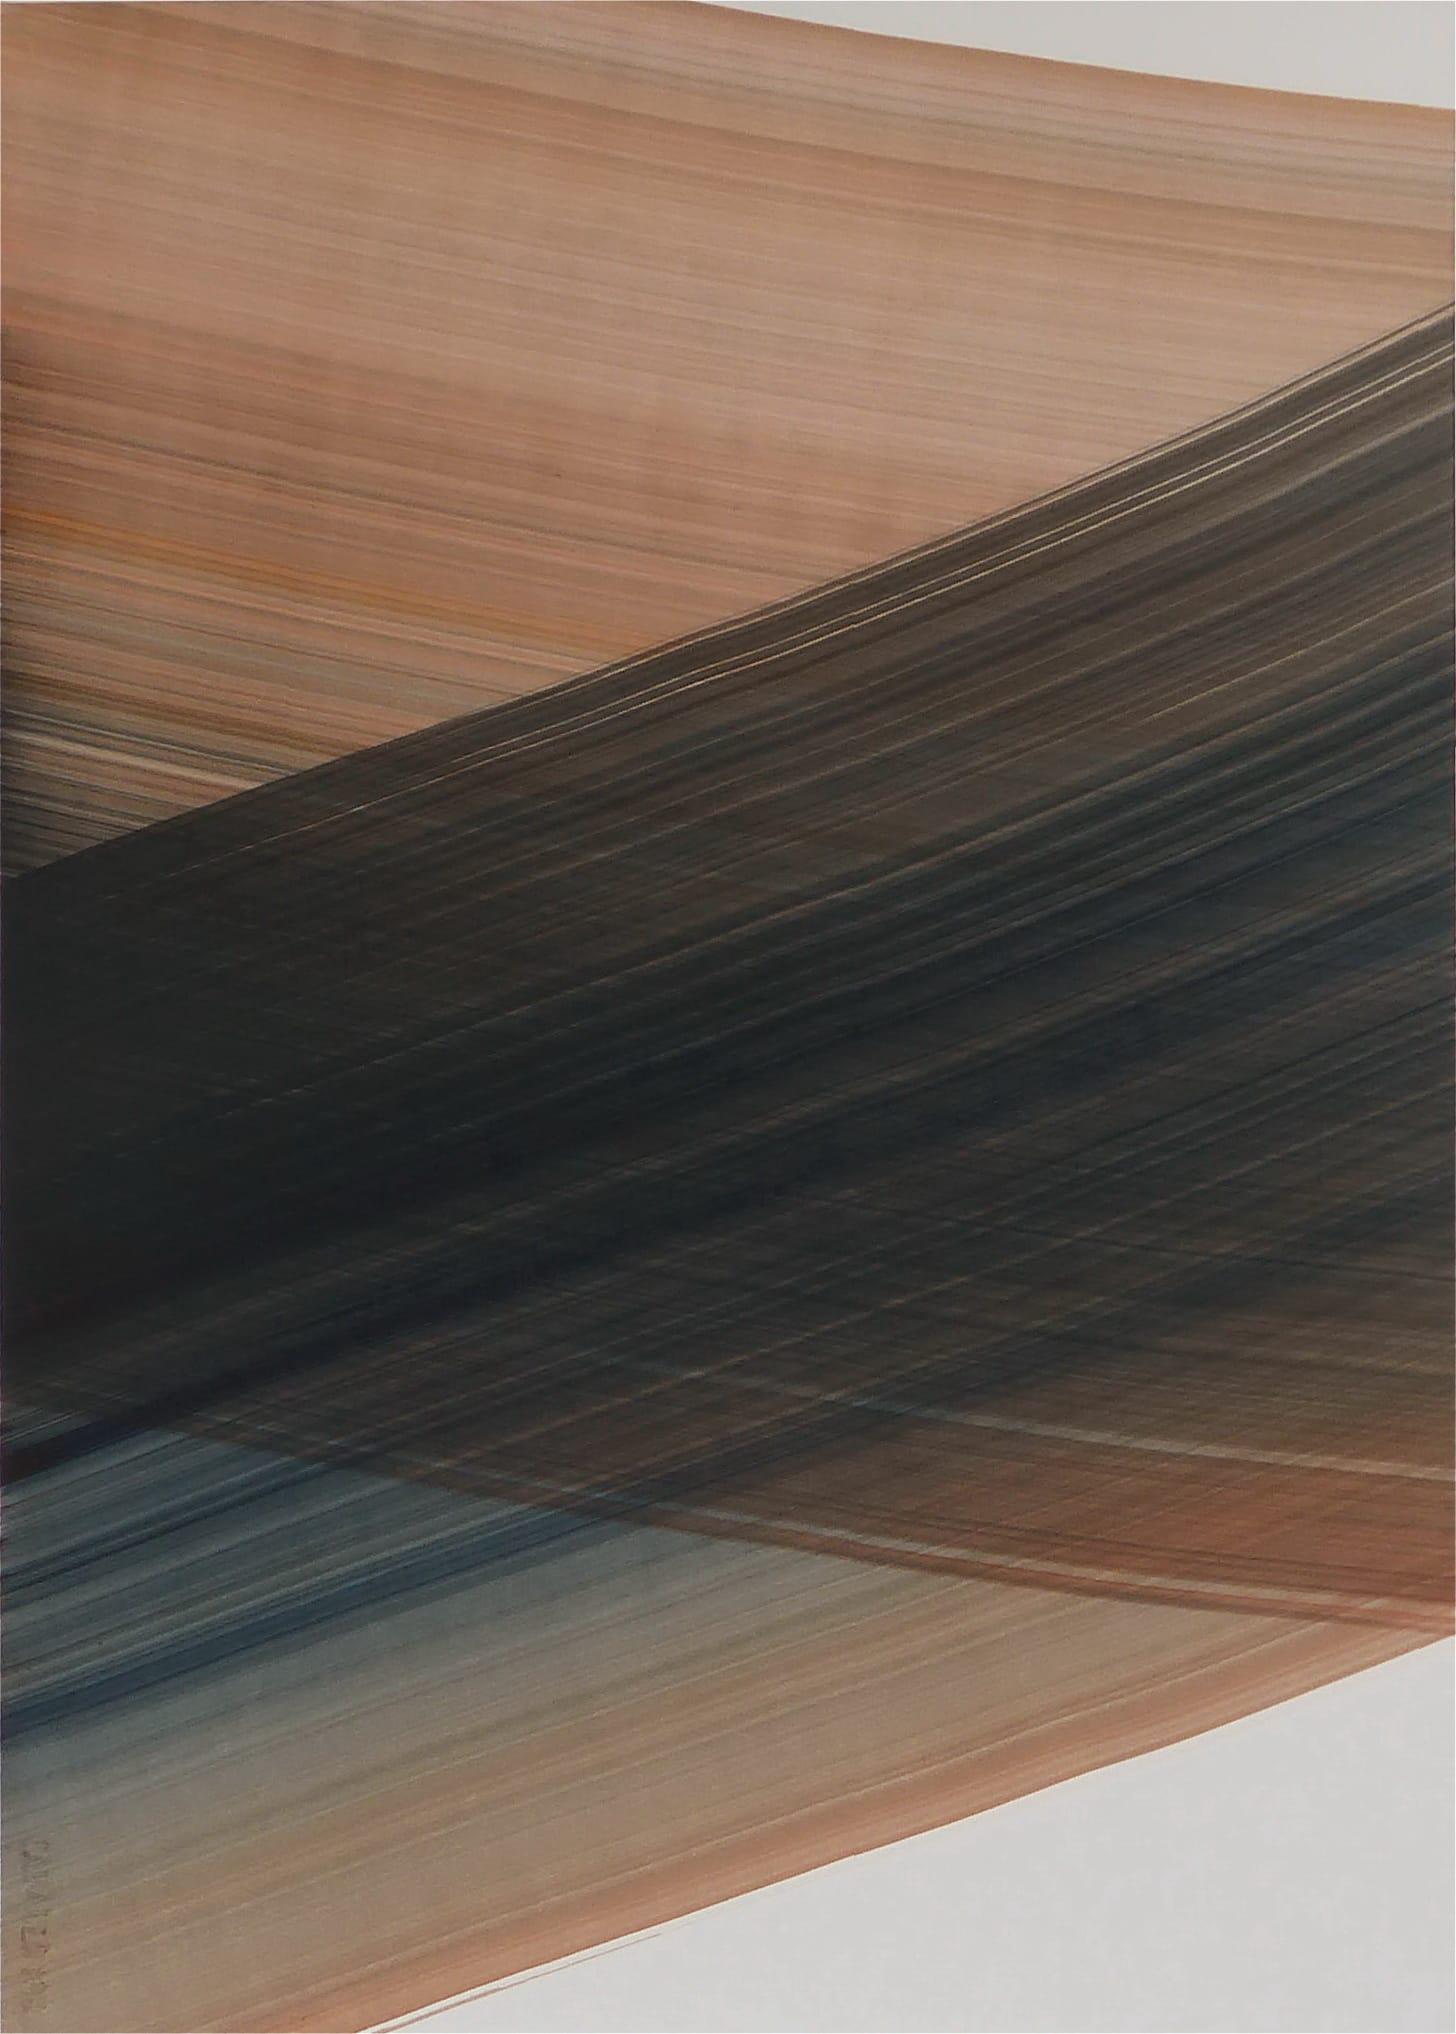 S/T (2018) - Luis Miguel Rico